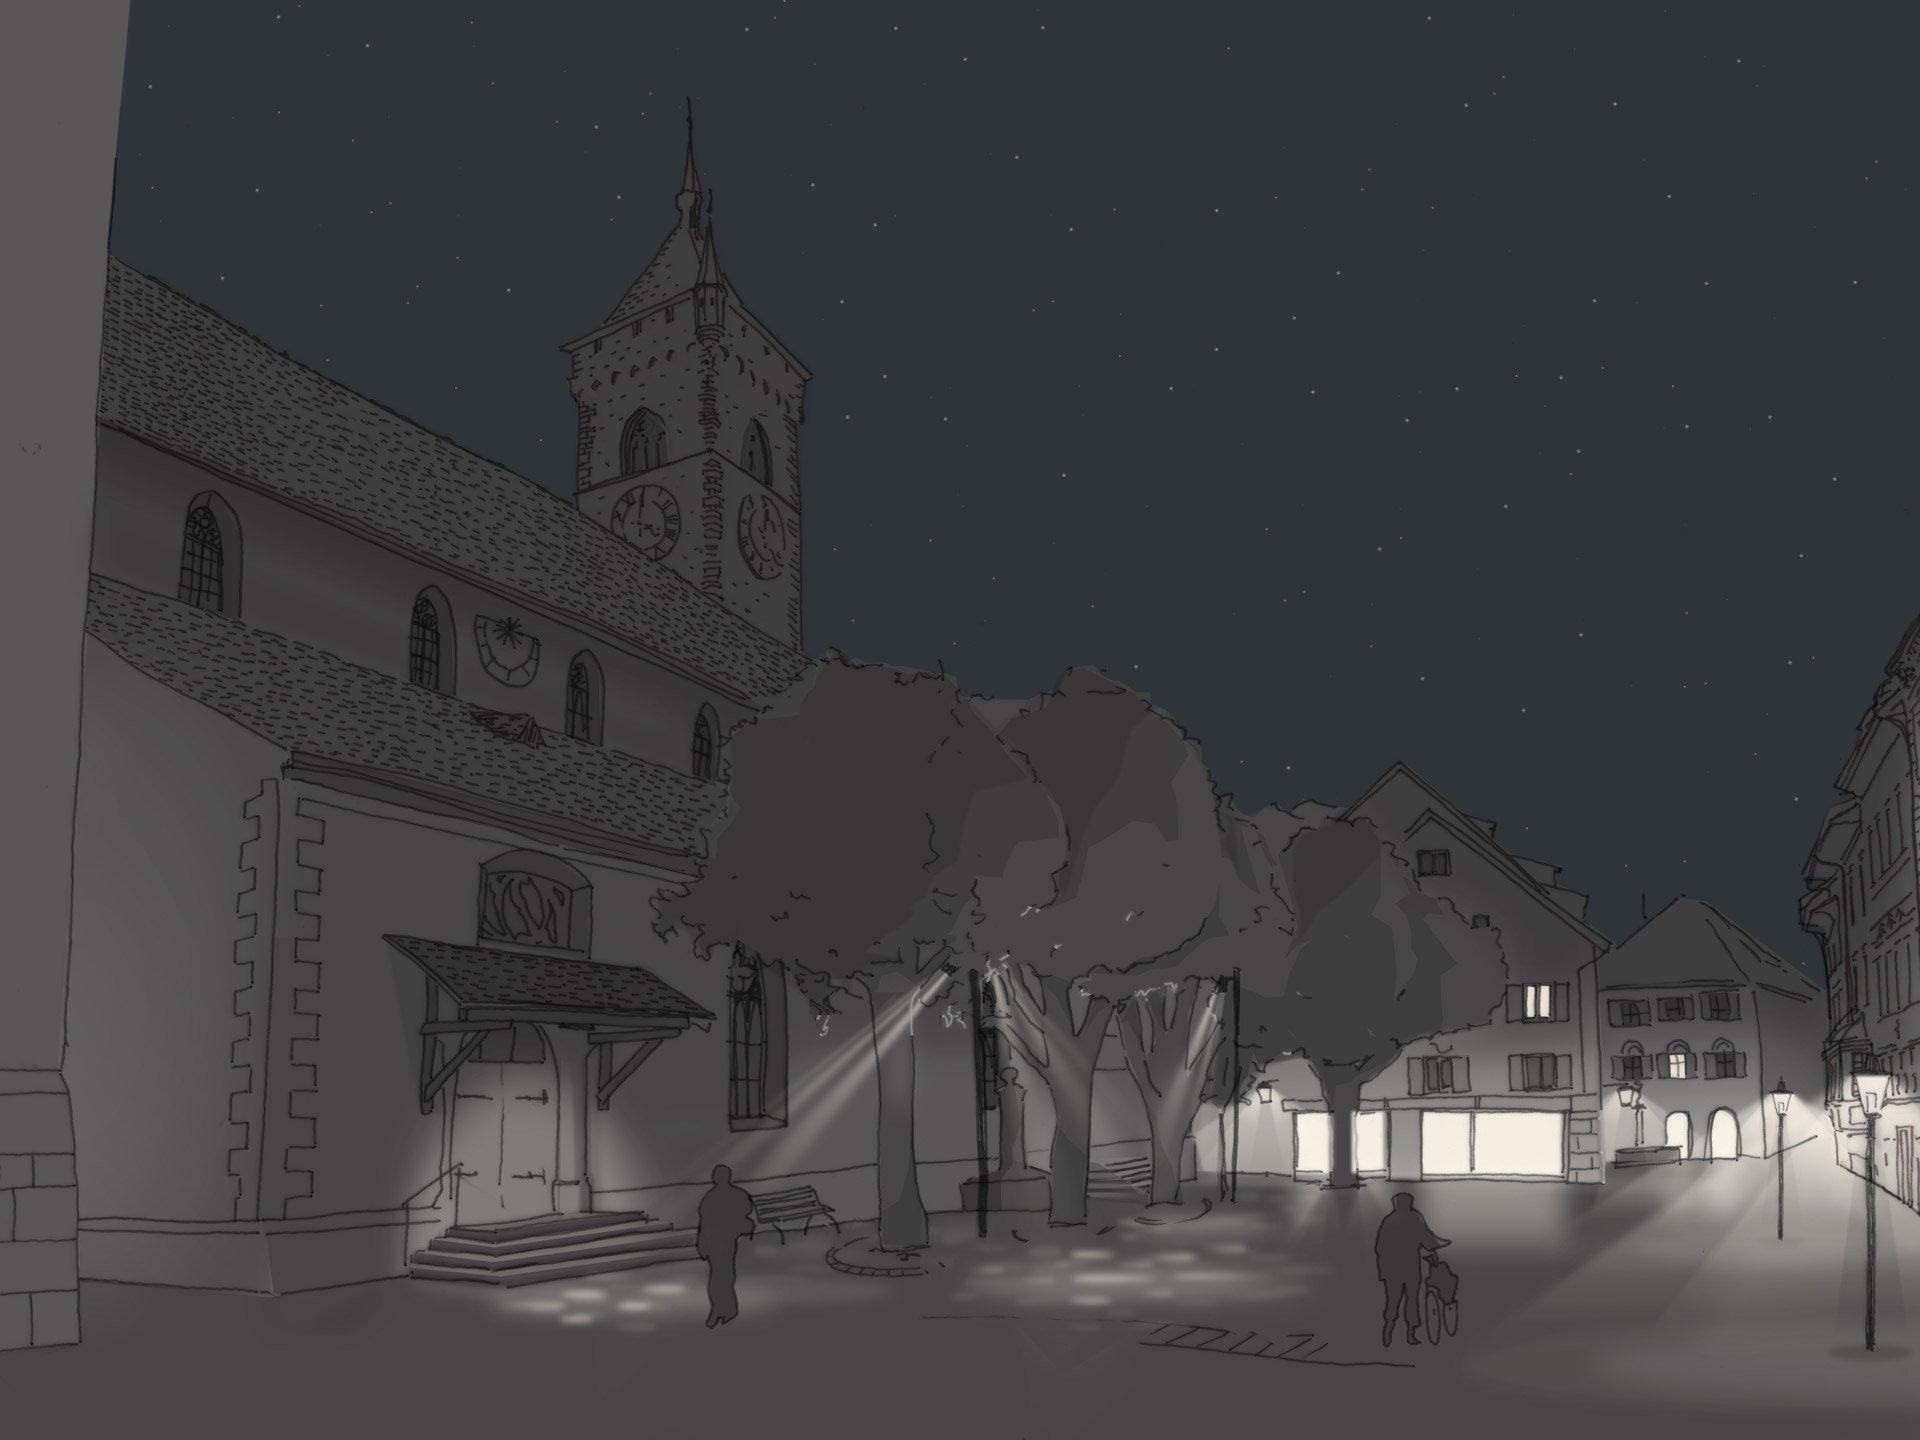 Kirche St. Johann Visualisierung für Altstadtbeleuchtung Schaffhausen